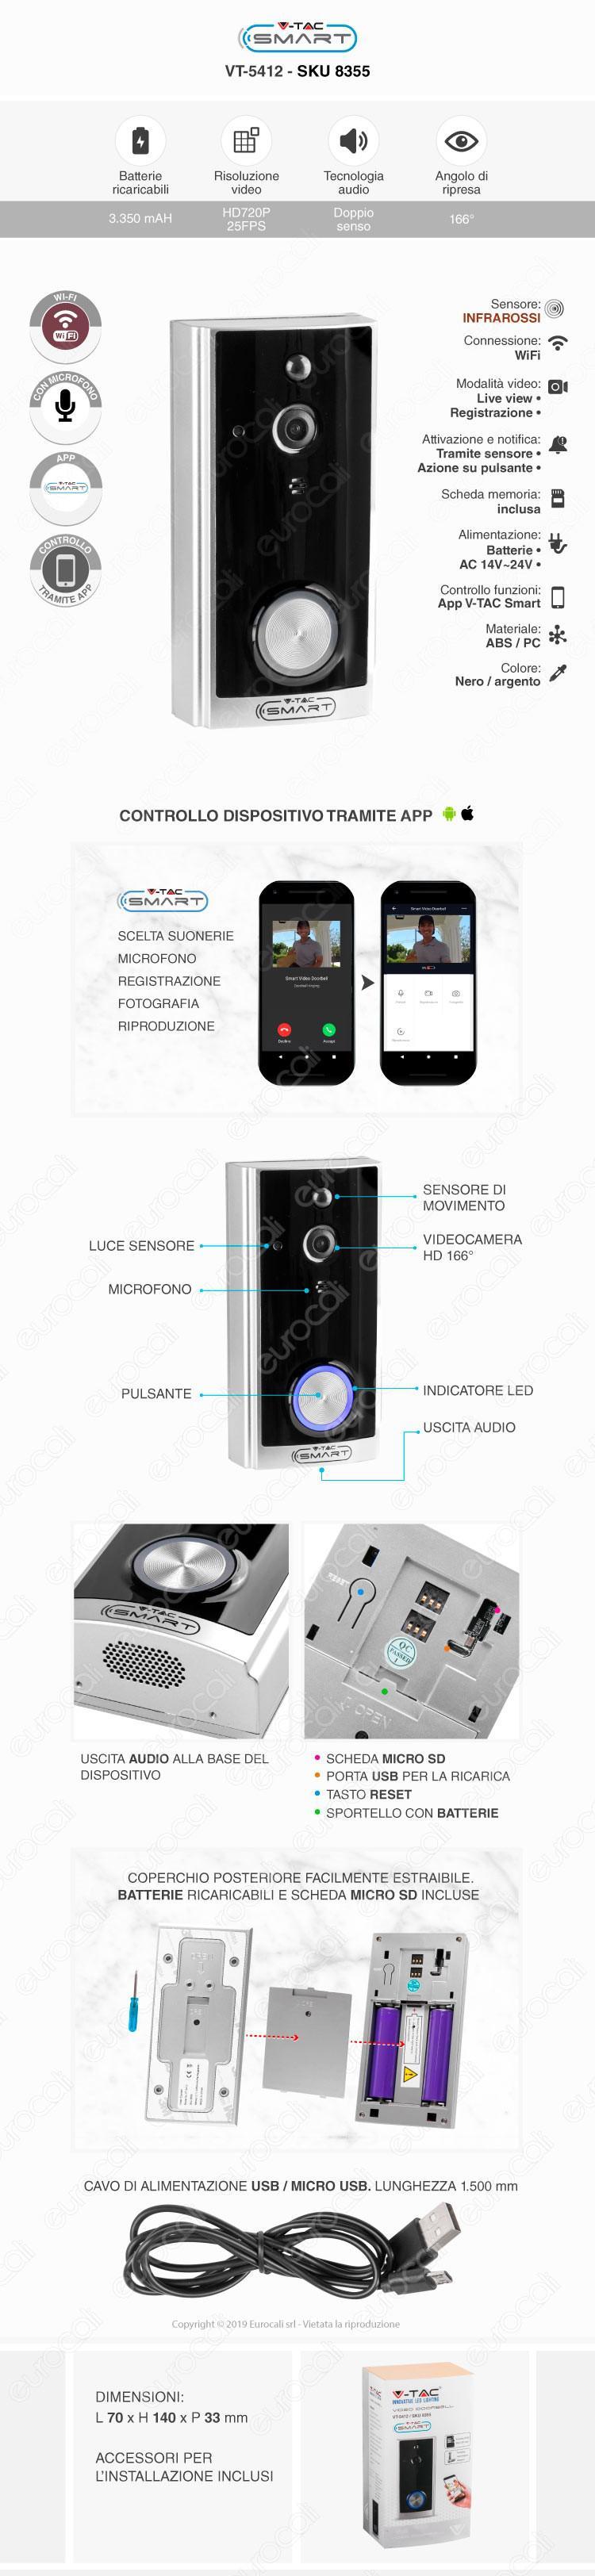 V-Tac Smart VT-5412 Videocitofono Wi-Fi con Funzioni di Sorveglianza